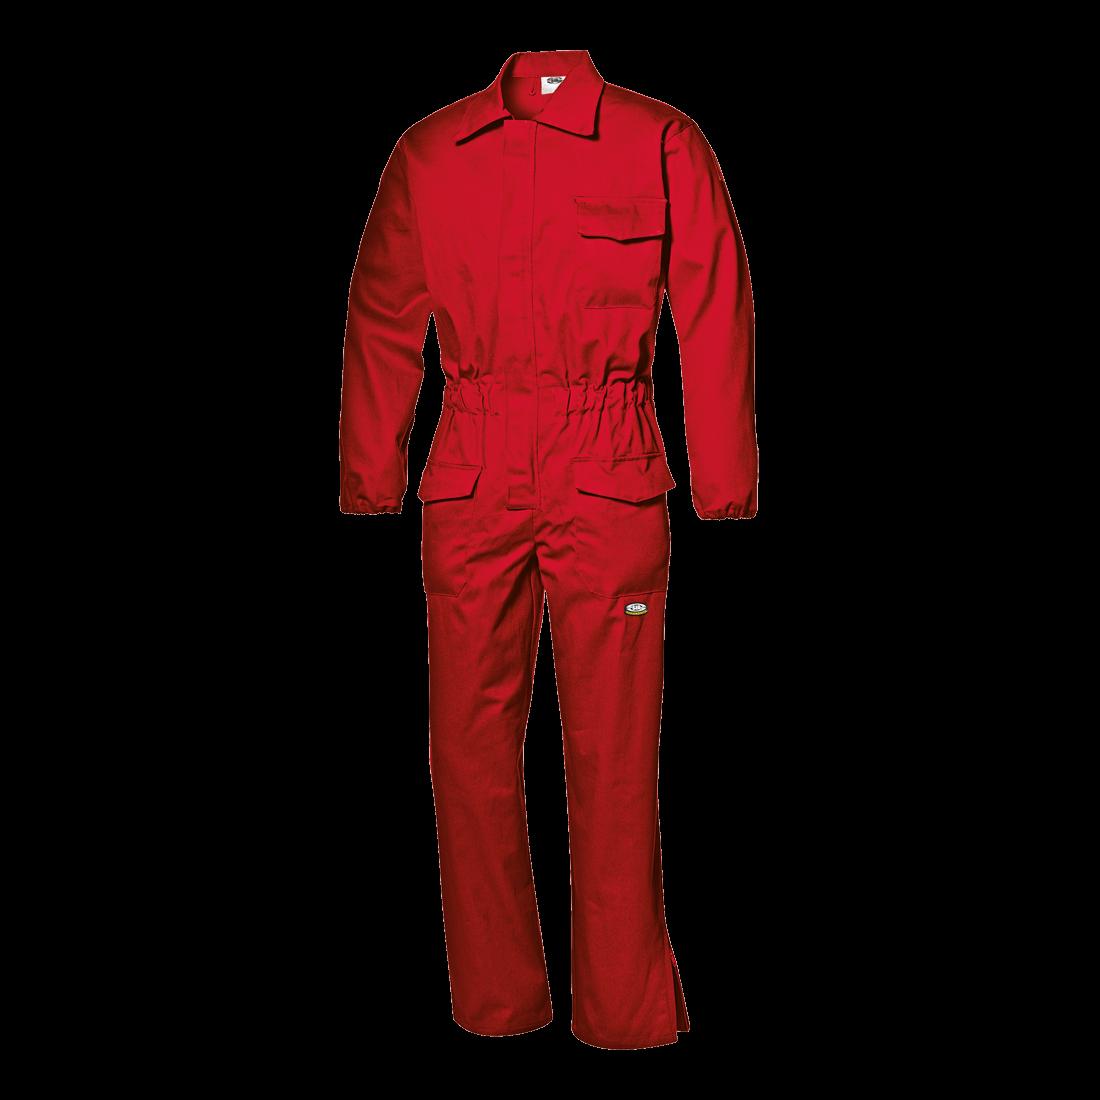 Palosuojatut puuvillahaalarit, Punainen (ei varastoväri)